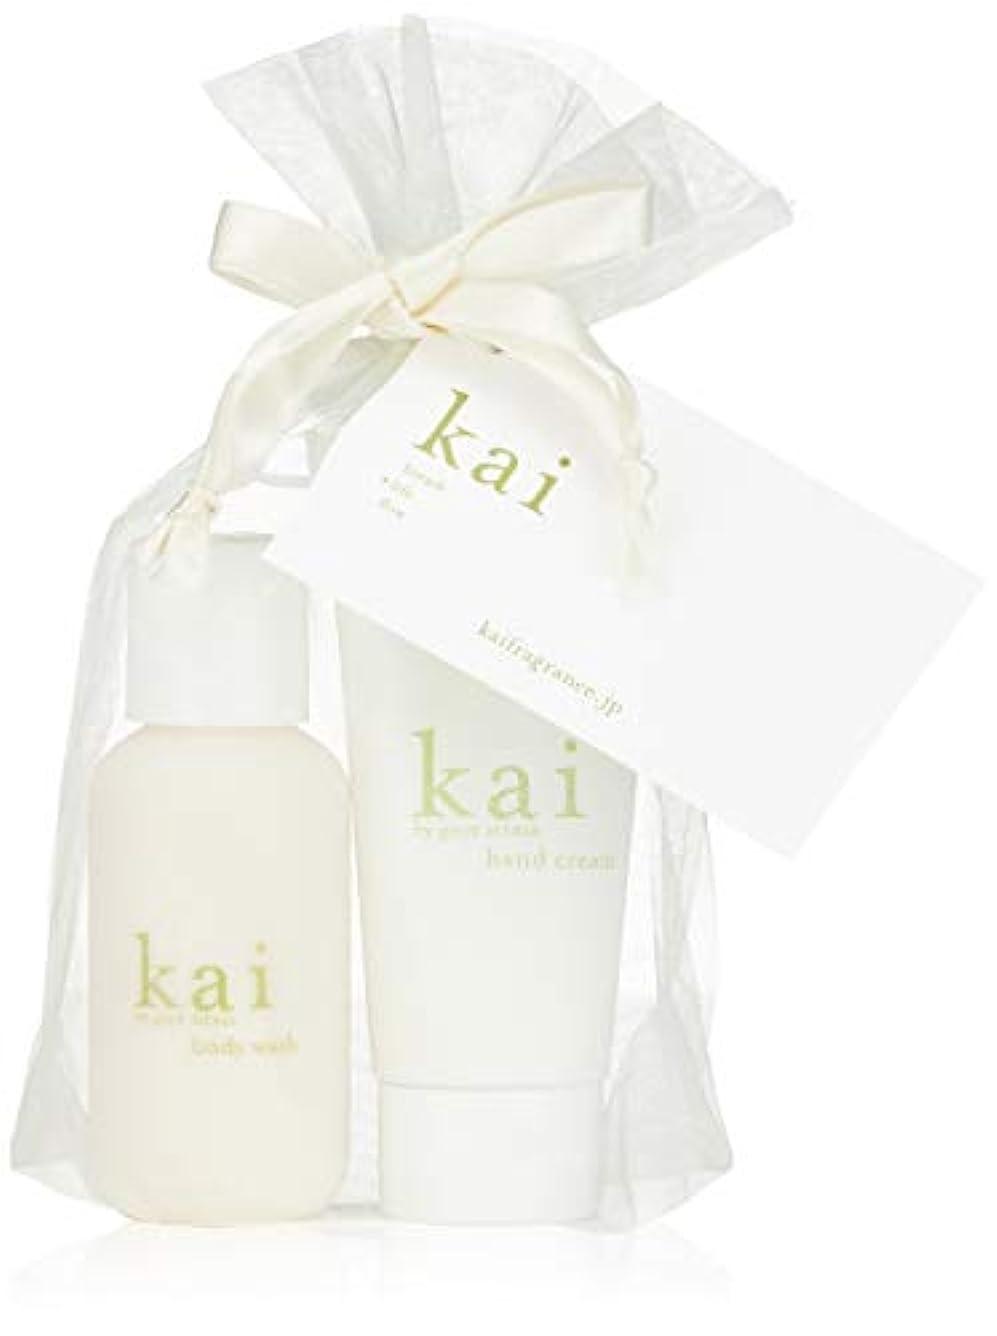 虫電池控えるkai fragrance(カイ フレグランス) ハンドクリーム&ミニボディウォッシュ 59×2ml